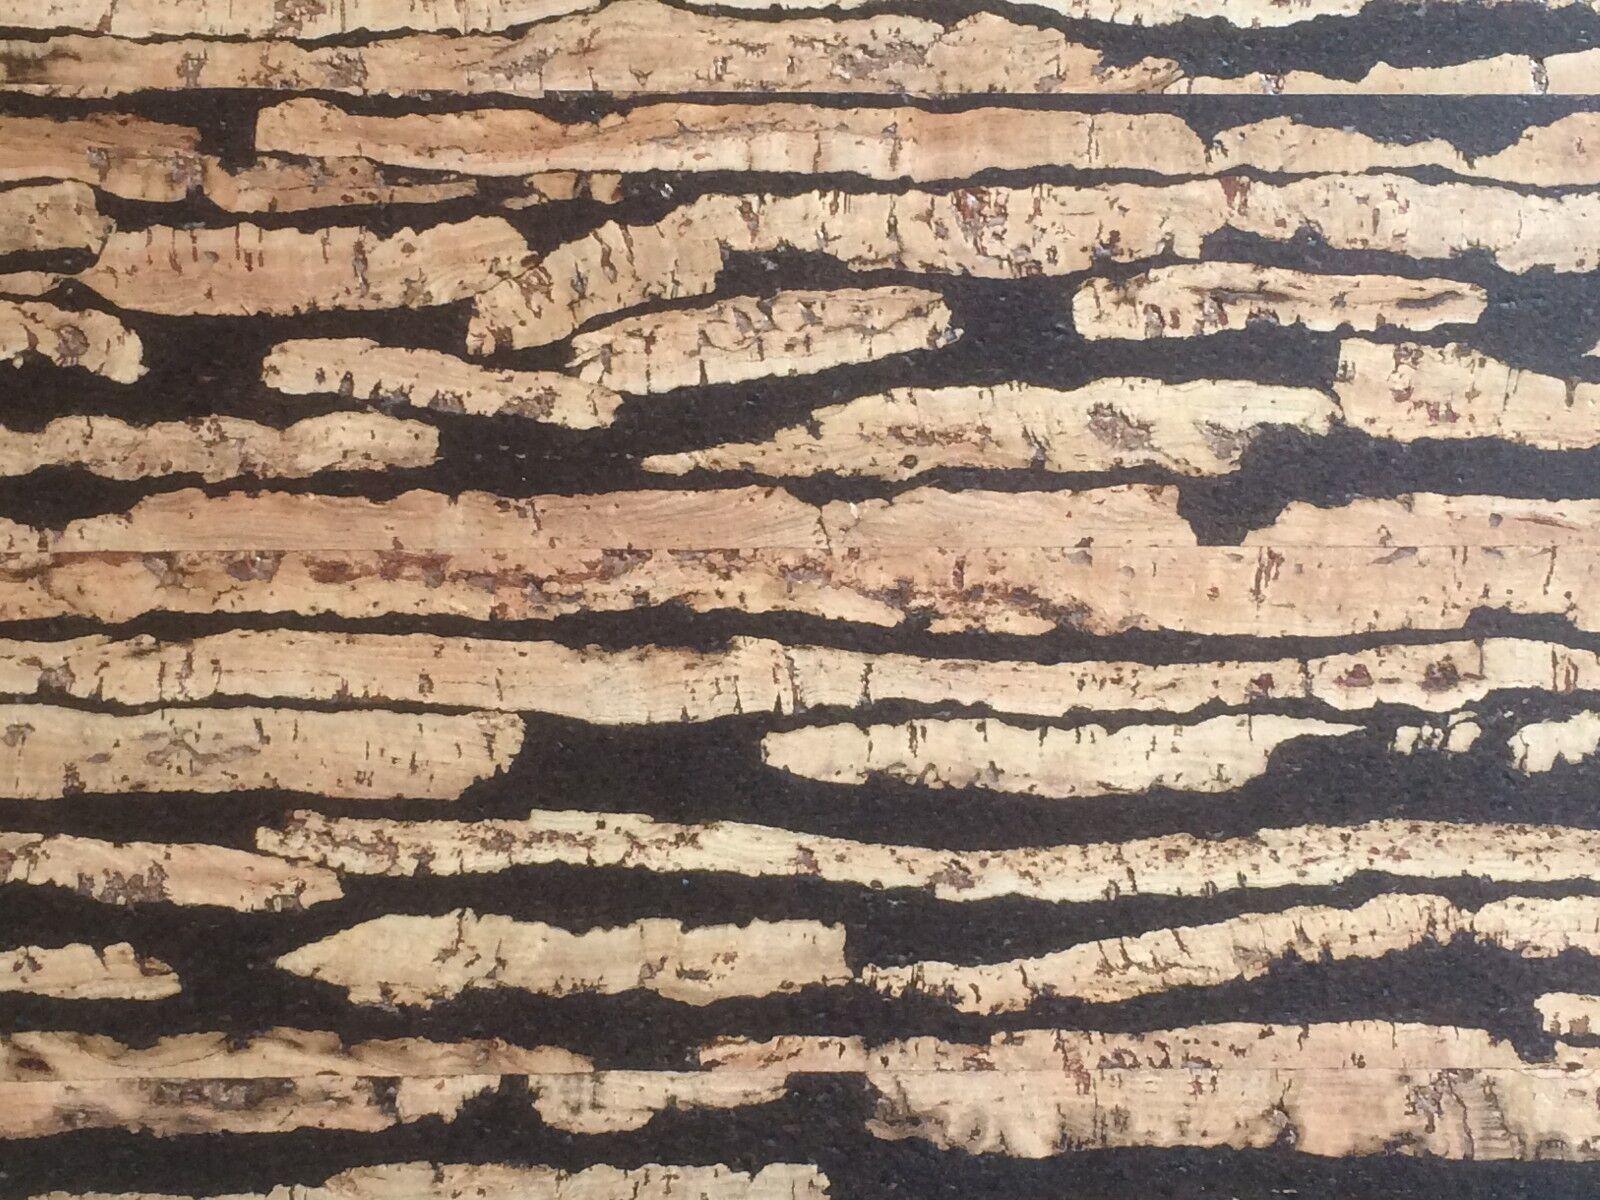 40 m² korkparkett rustic zebra parkett klickparkett kork